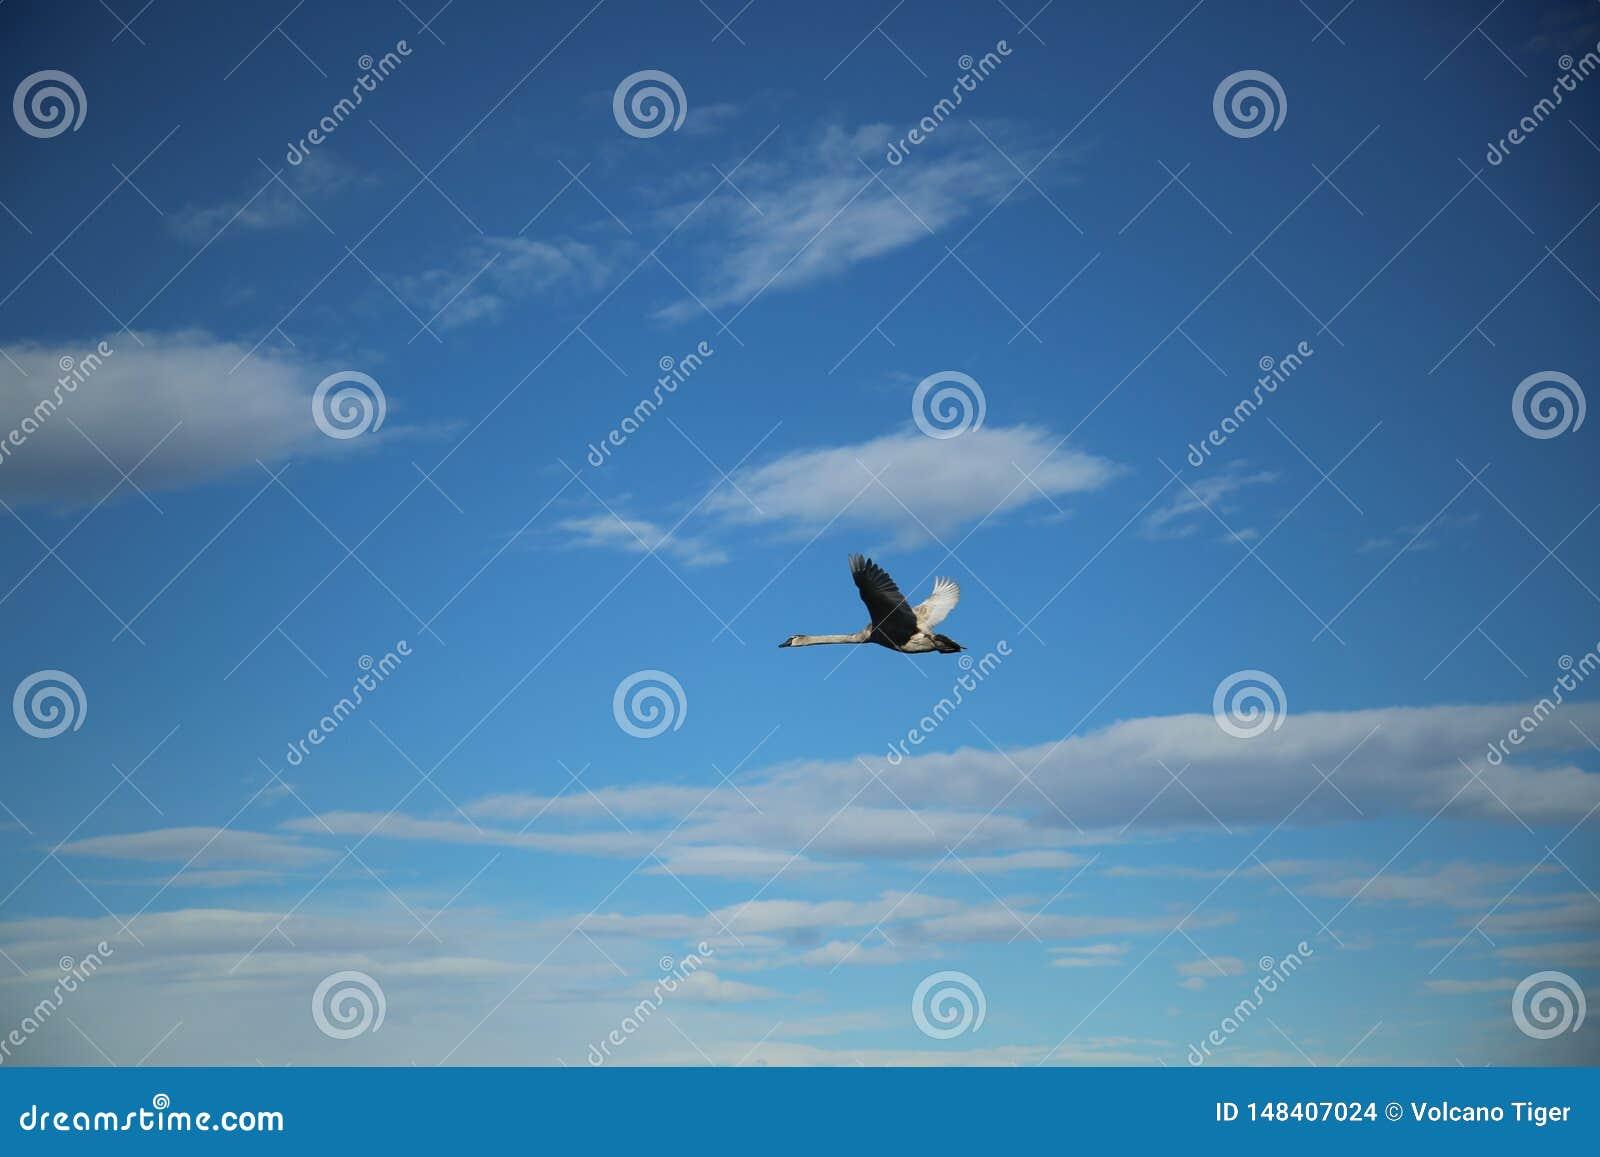 Cygne volant dans le ciel